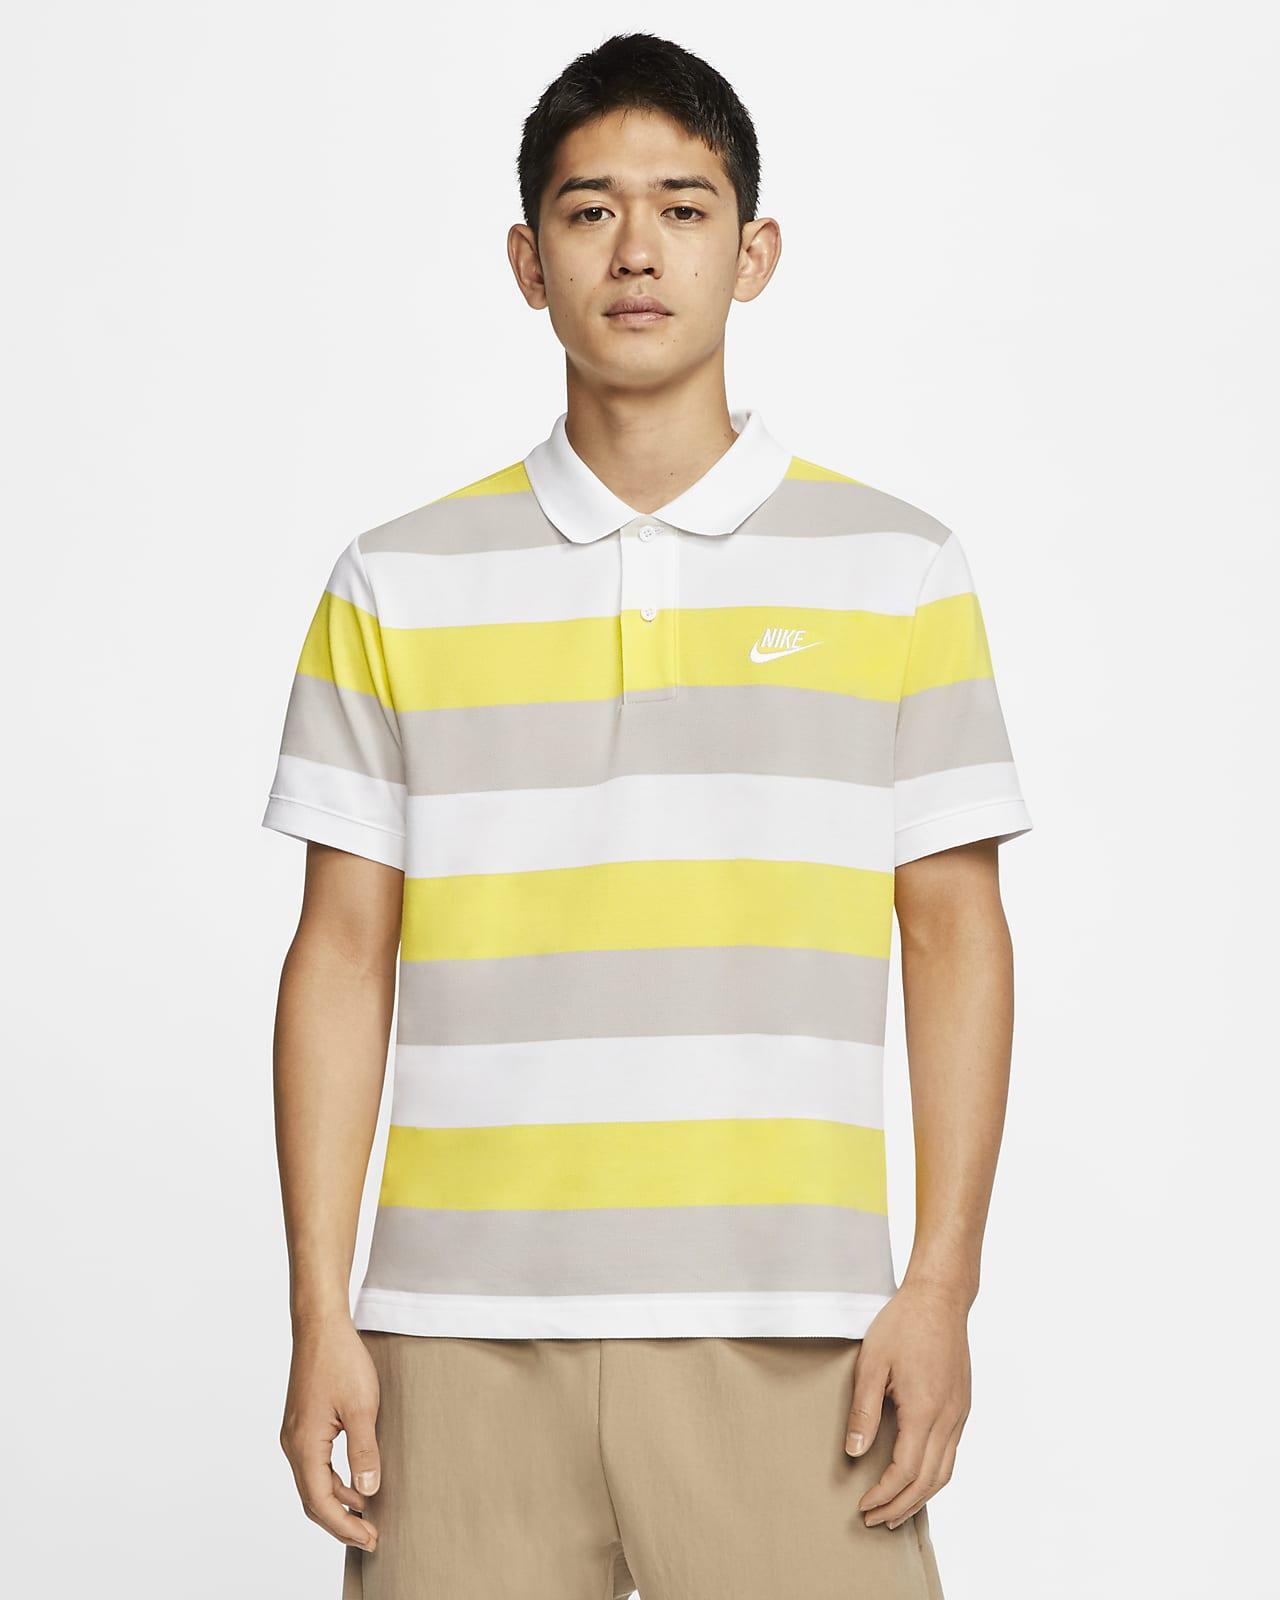 เสื้อโปโลผู้ชายลายทาง Nike Sportswear